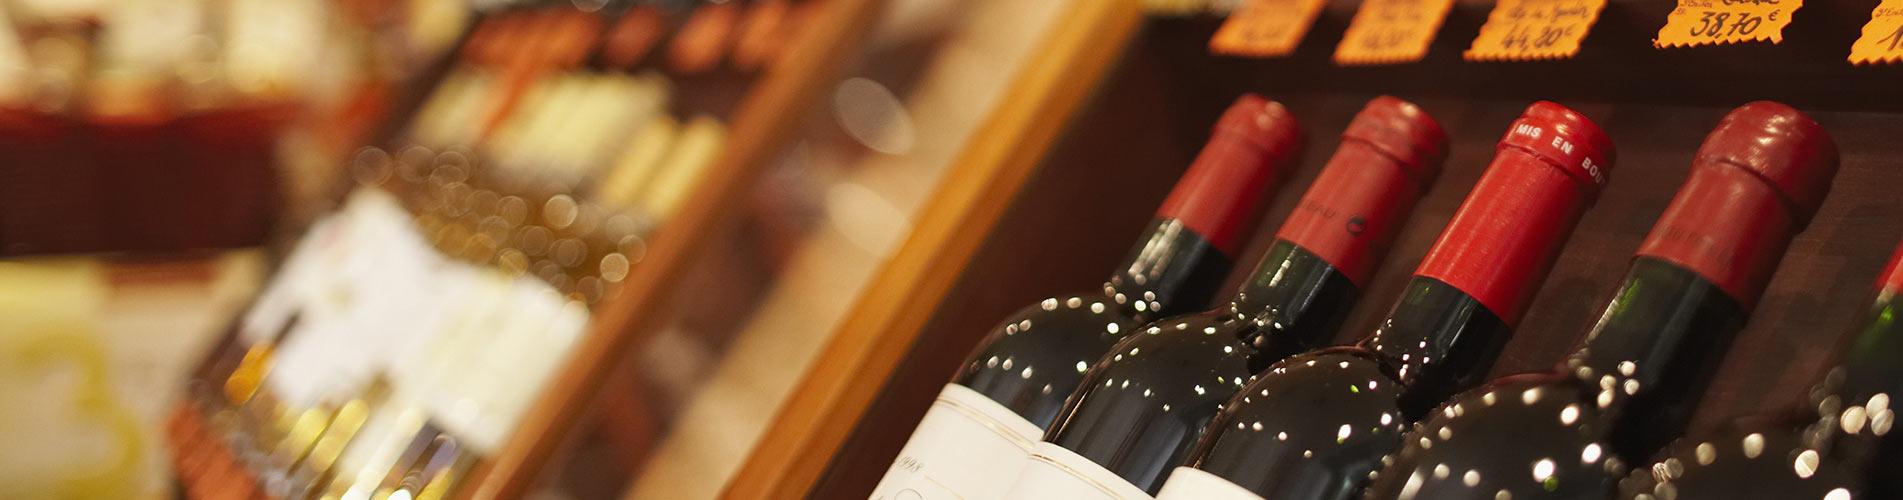 Accede a los mejores vinos en Wine to you